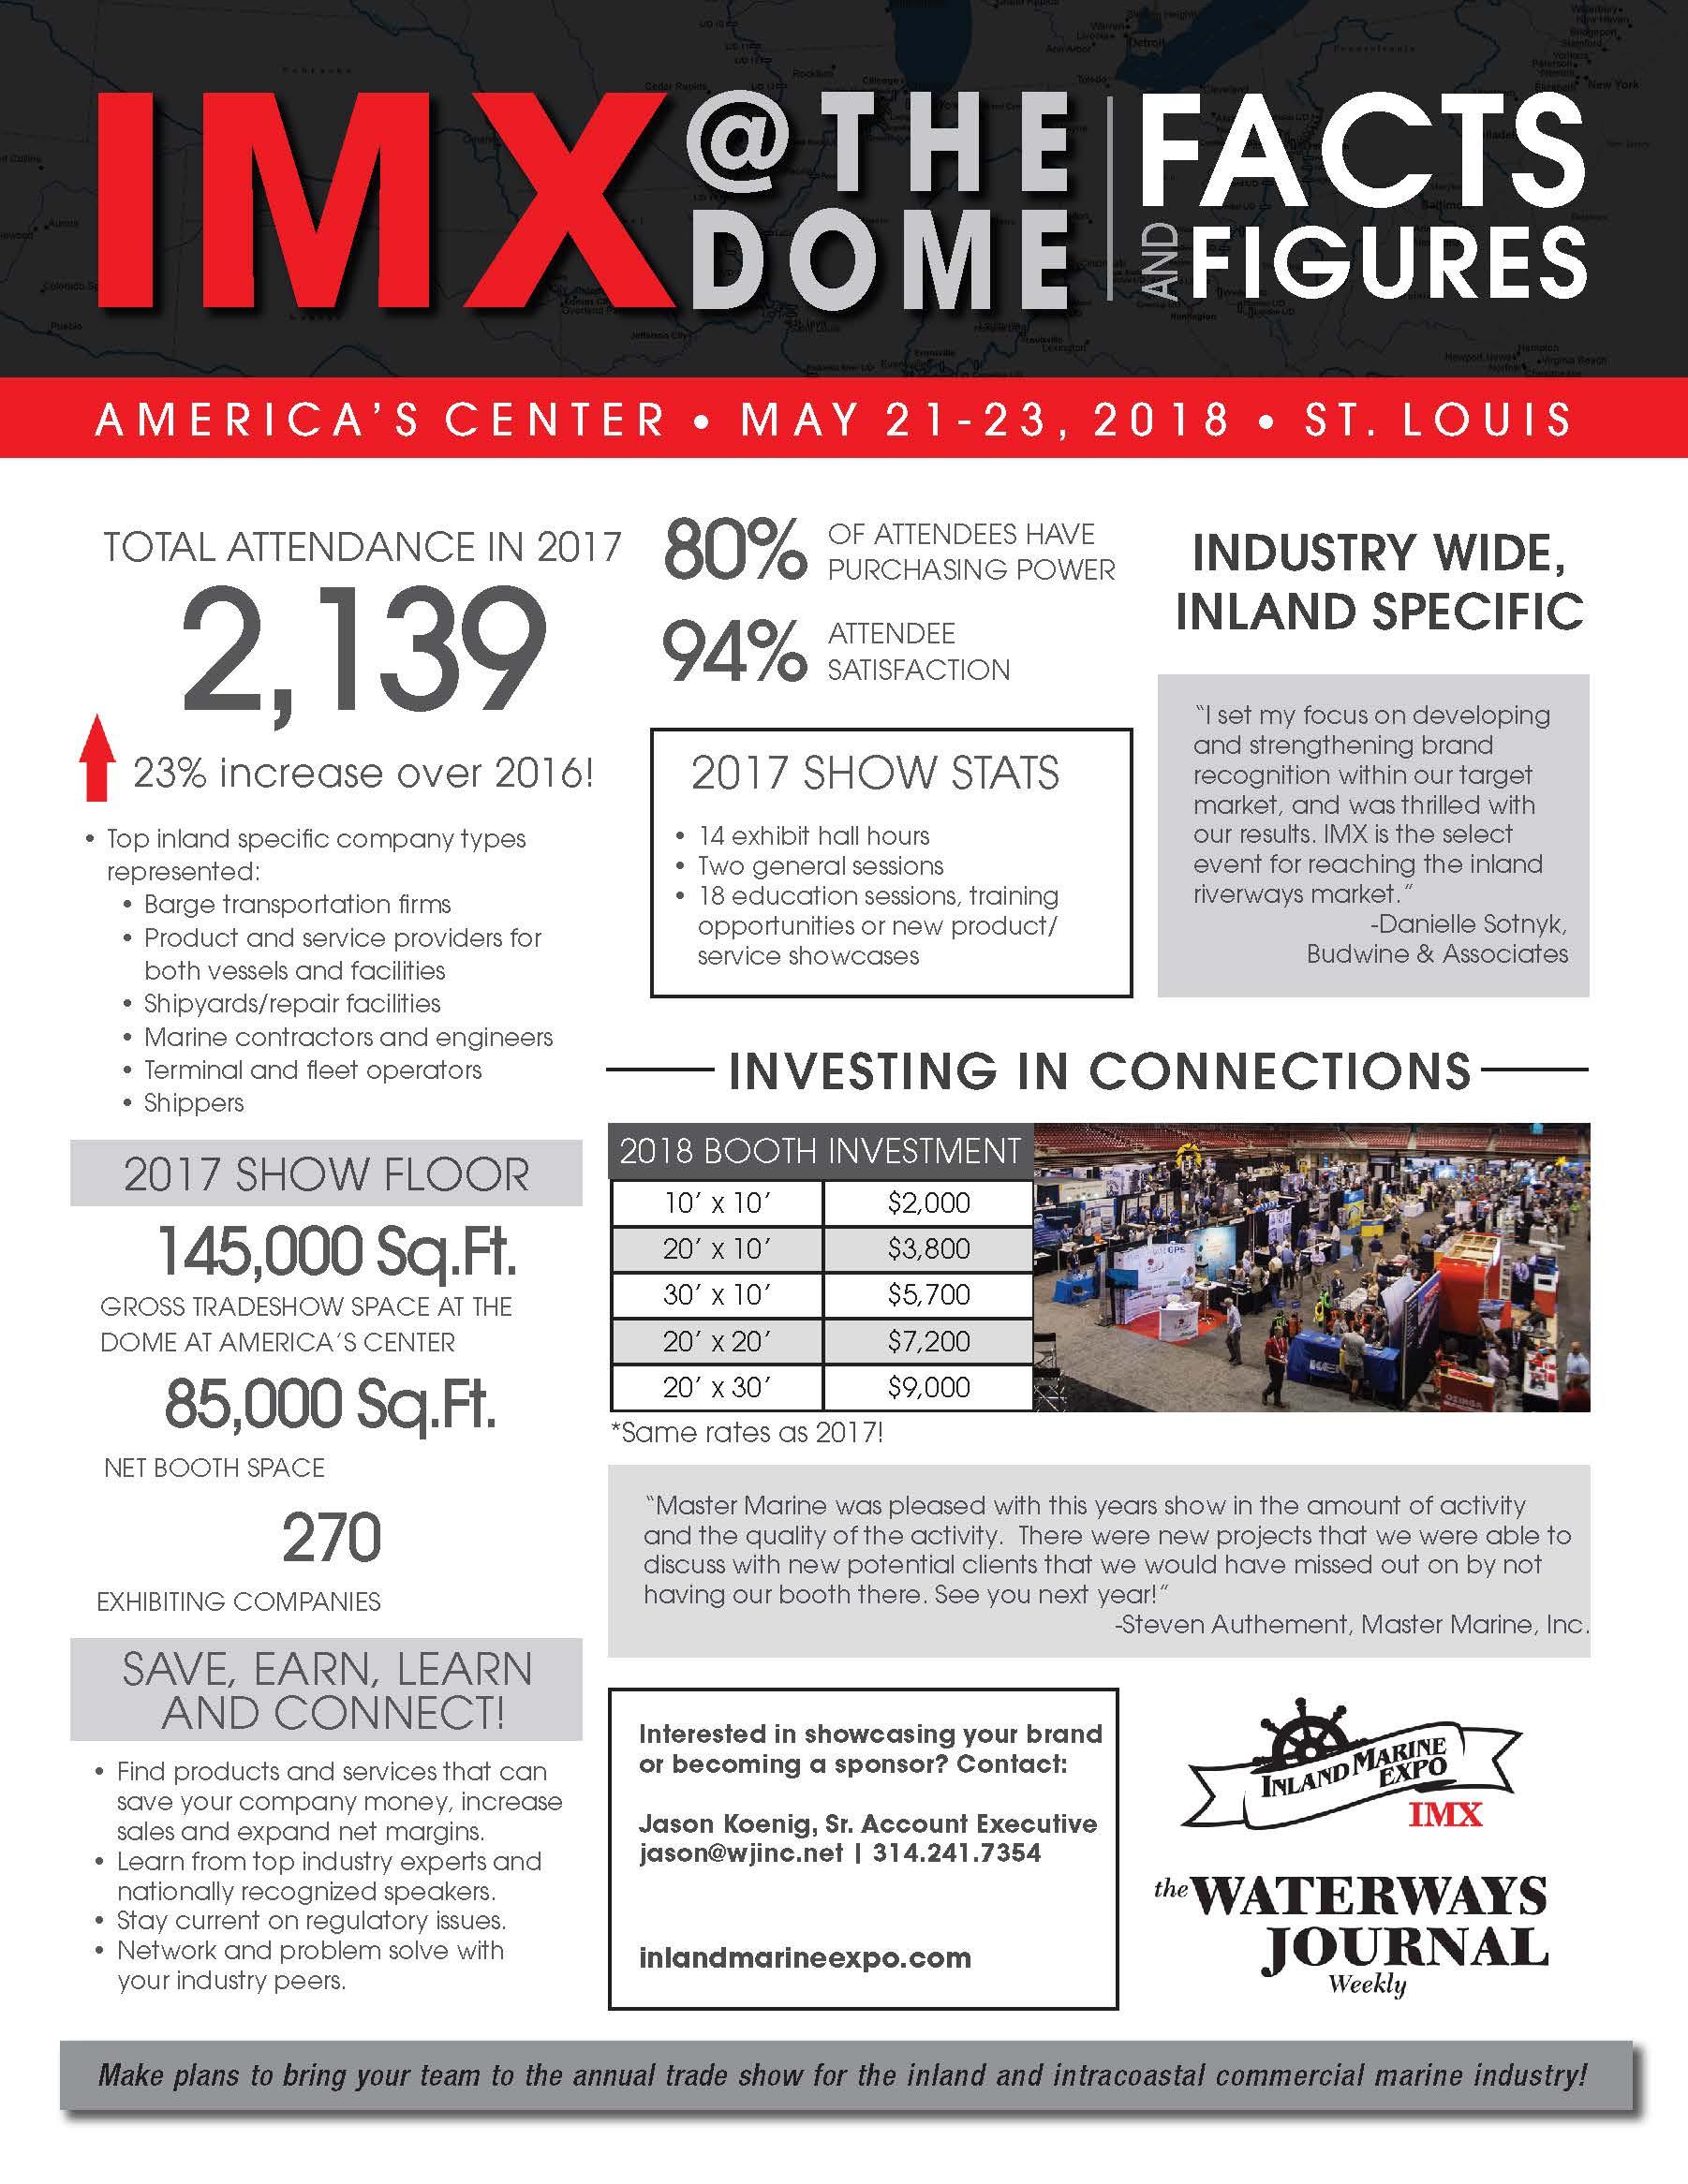 IMX 2017 Fact Sheet